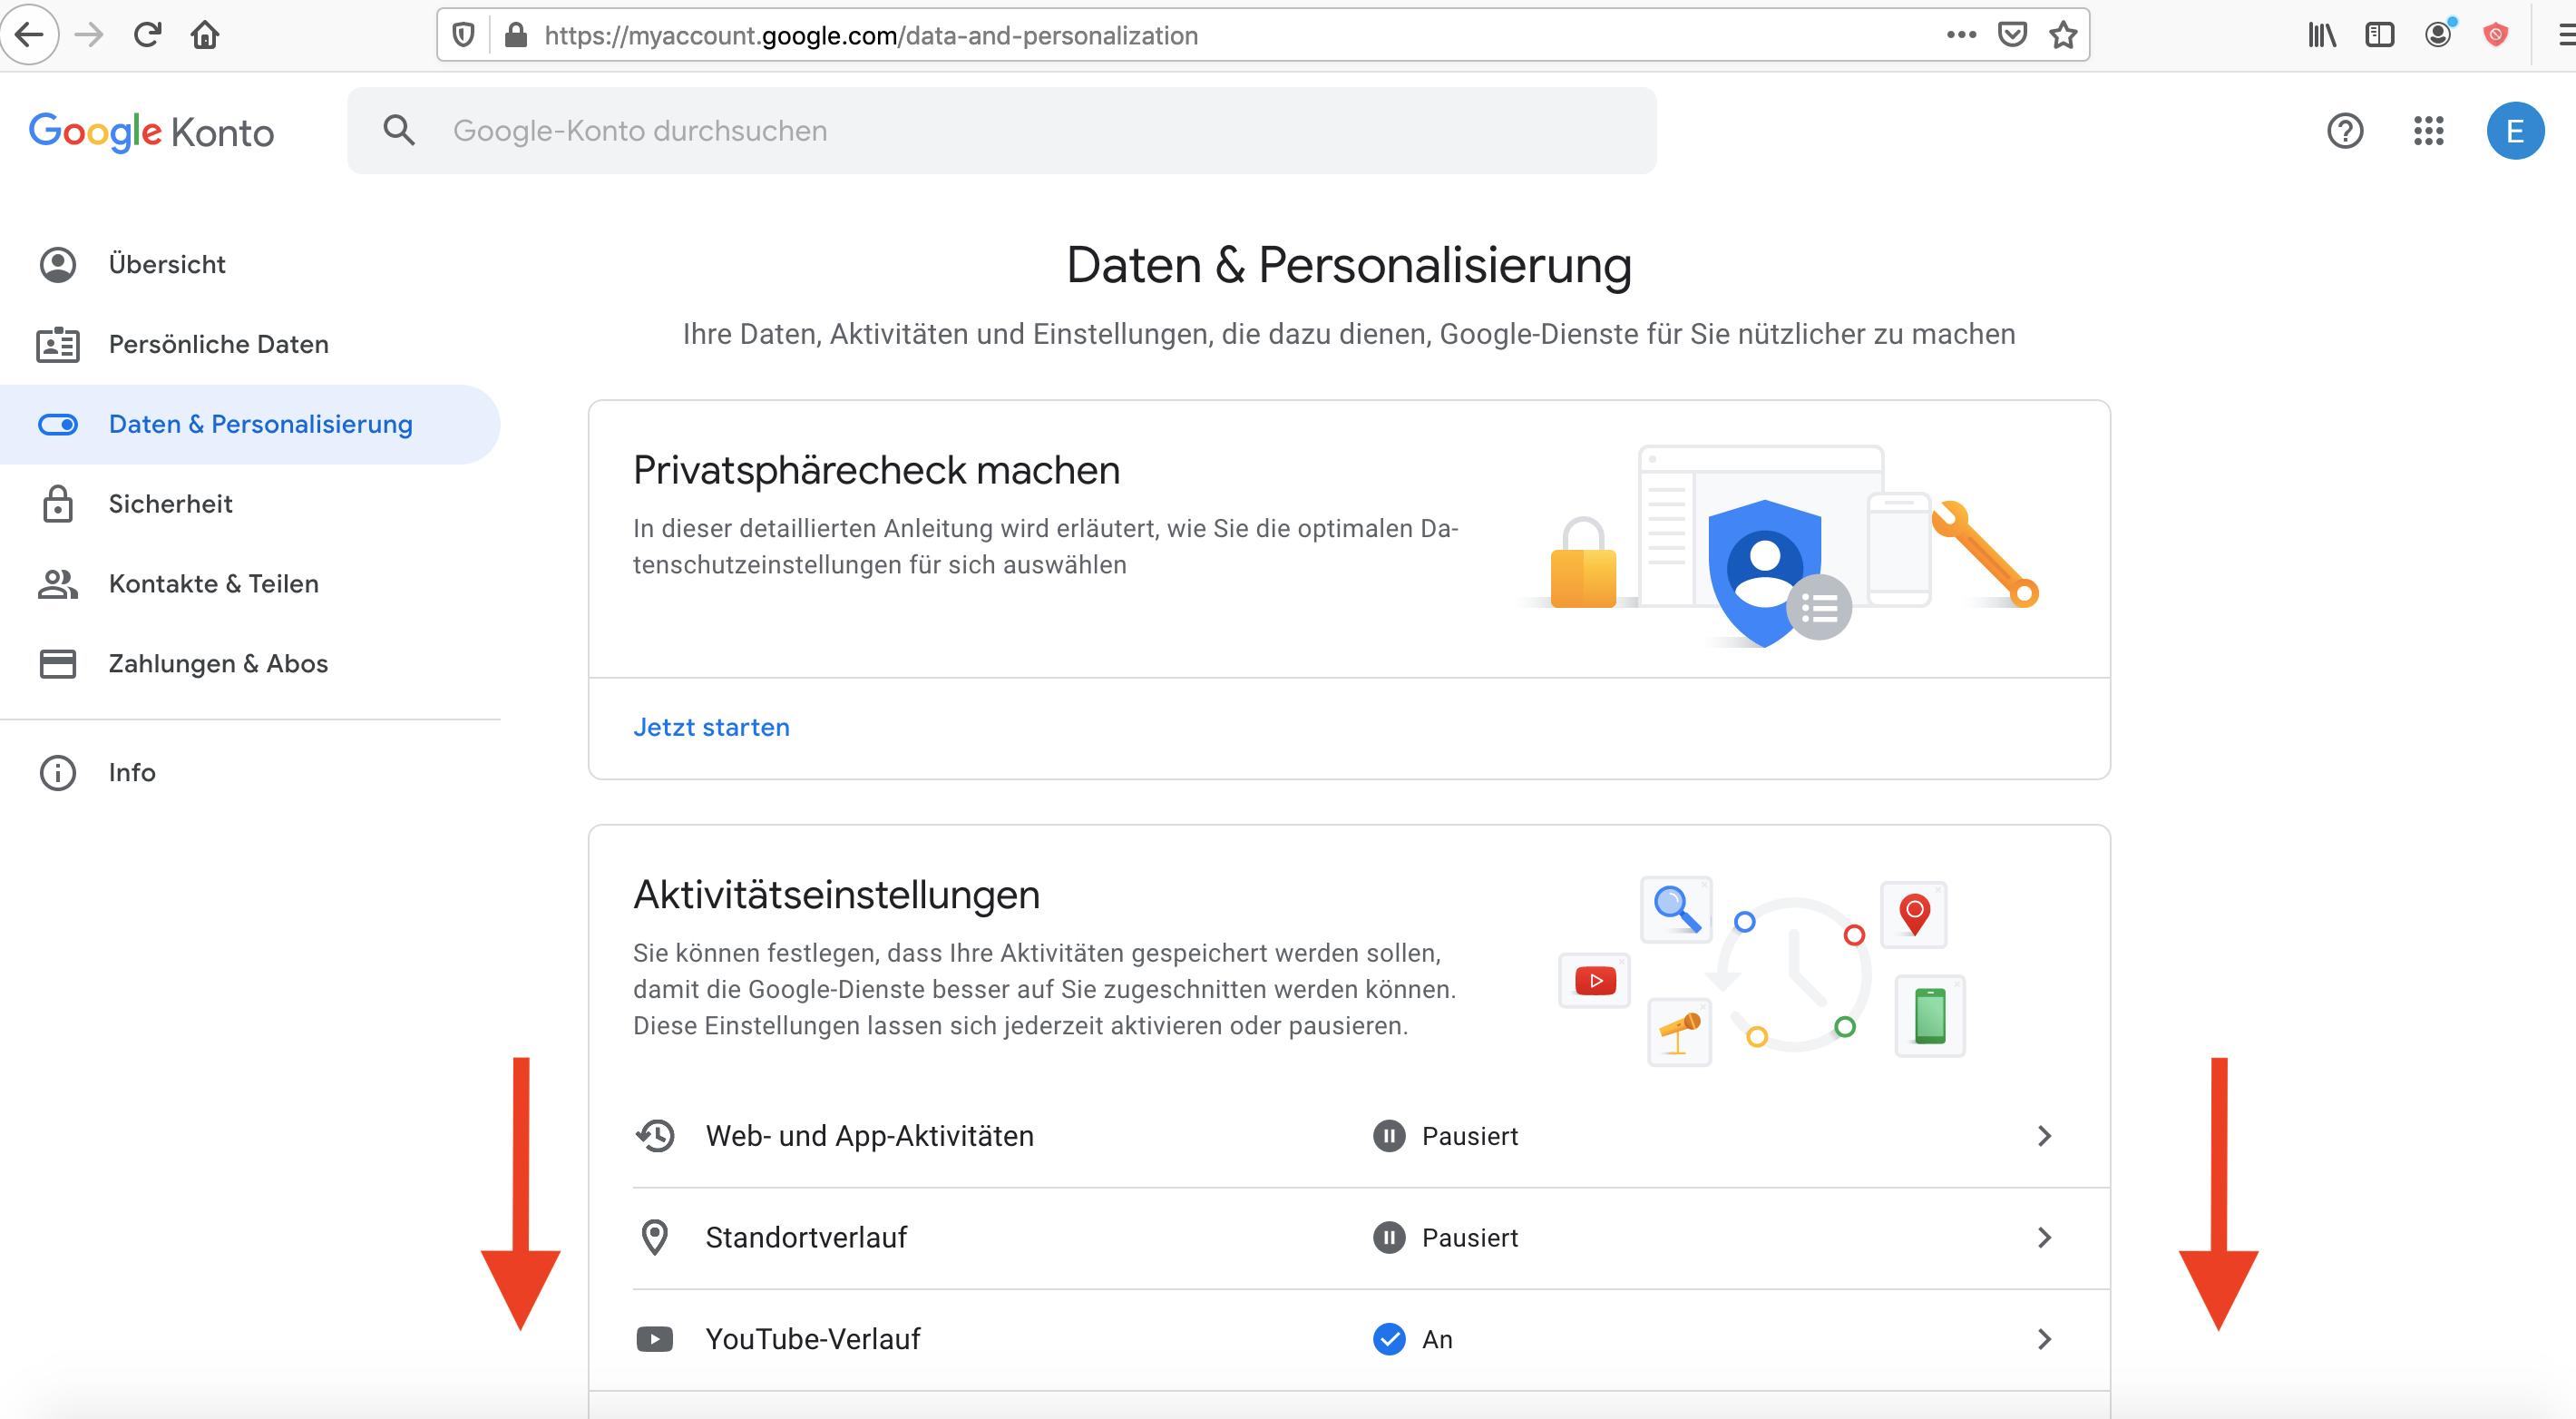 Google Konto Einstellung Daten und Personalisierung